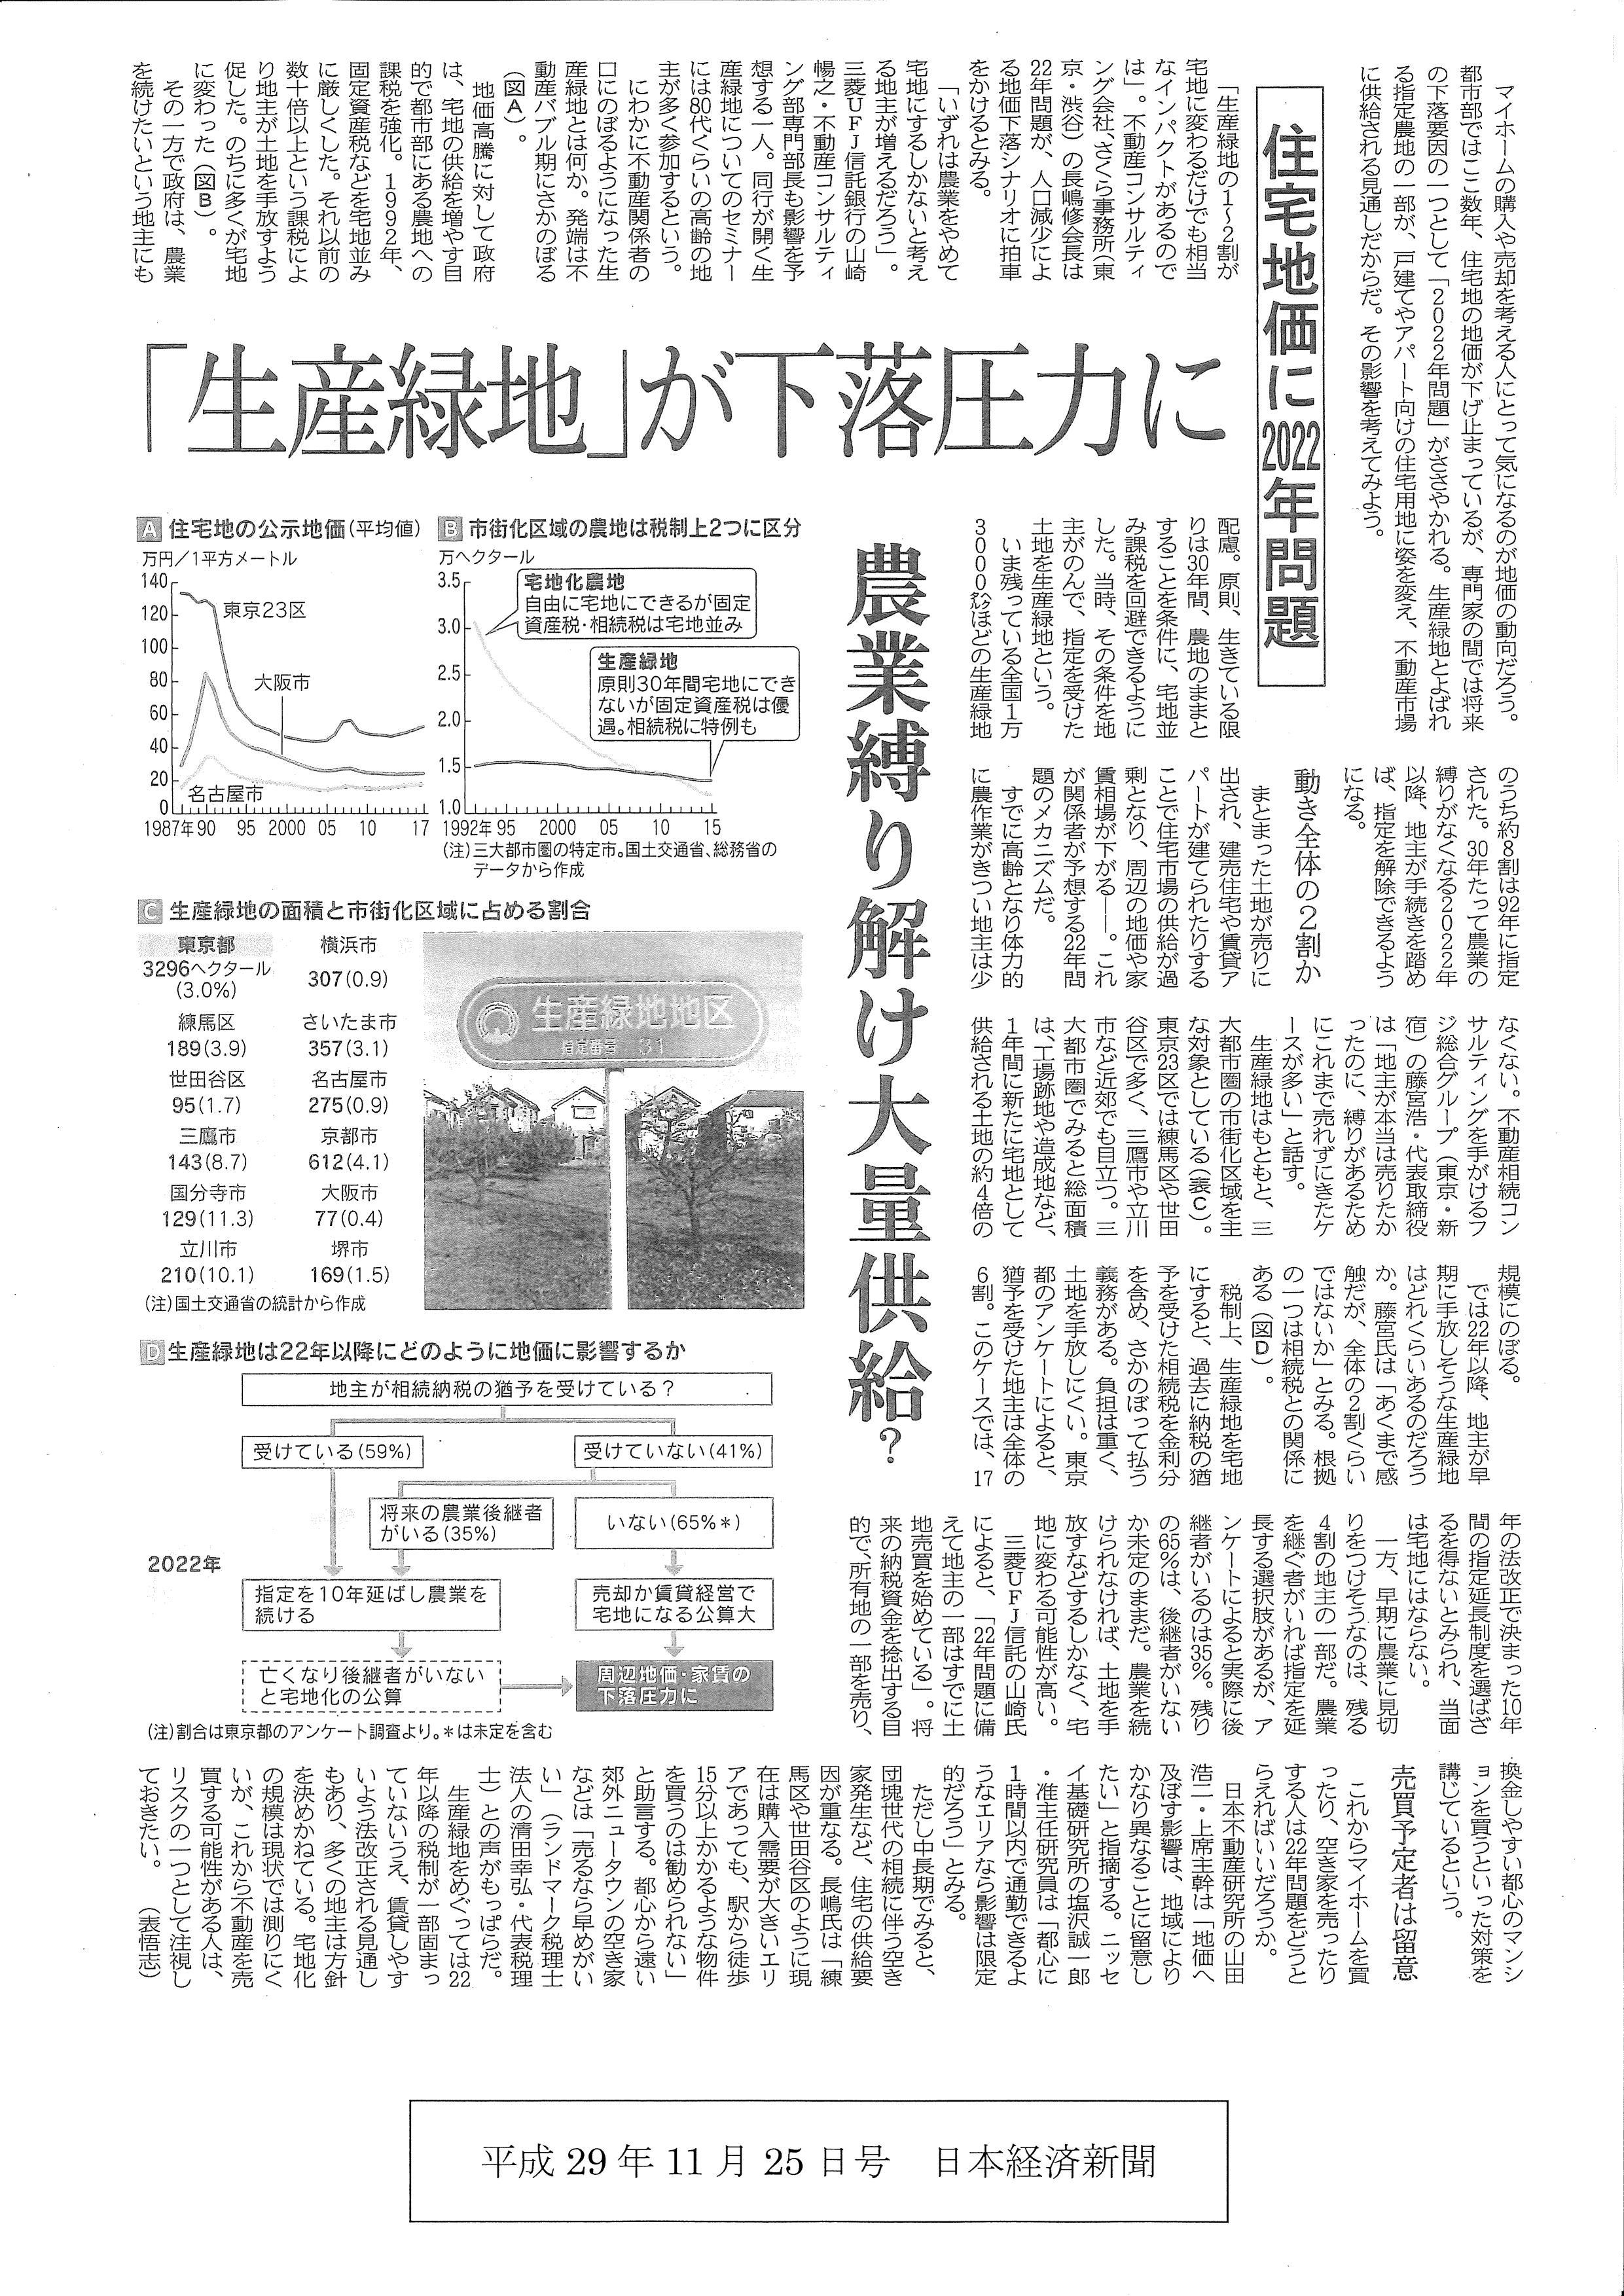 2017.11.25日本経済新聞_01